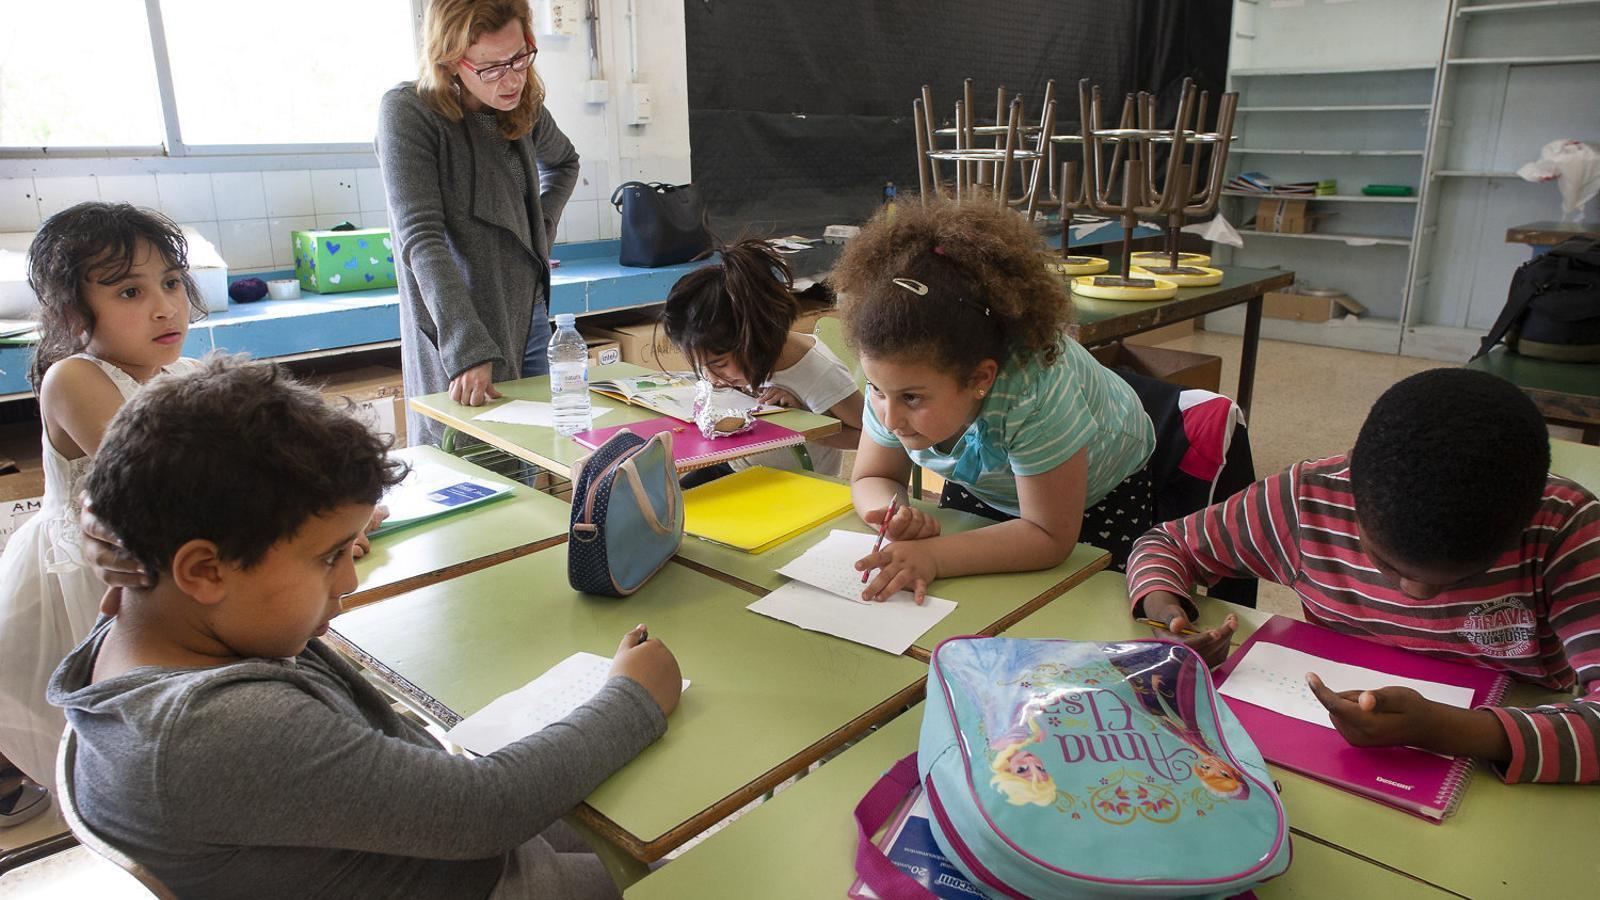 El curs s'acabarà al juny però durant l'estiu hi haurà activitats de reforç a més escoles